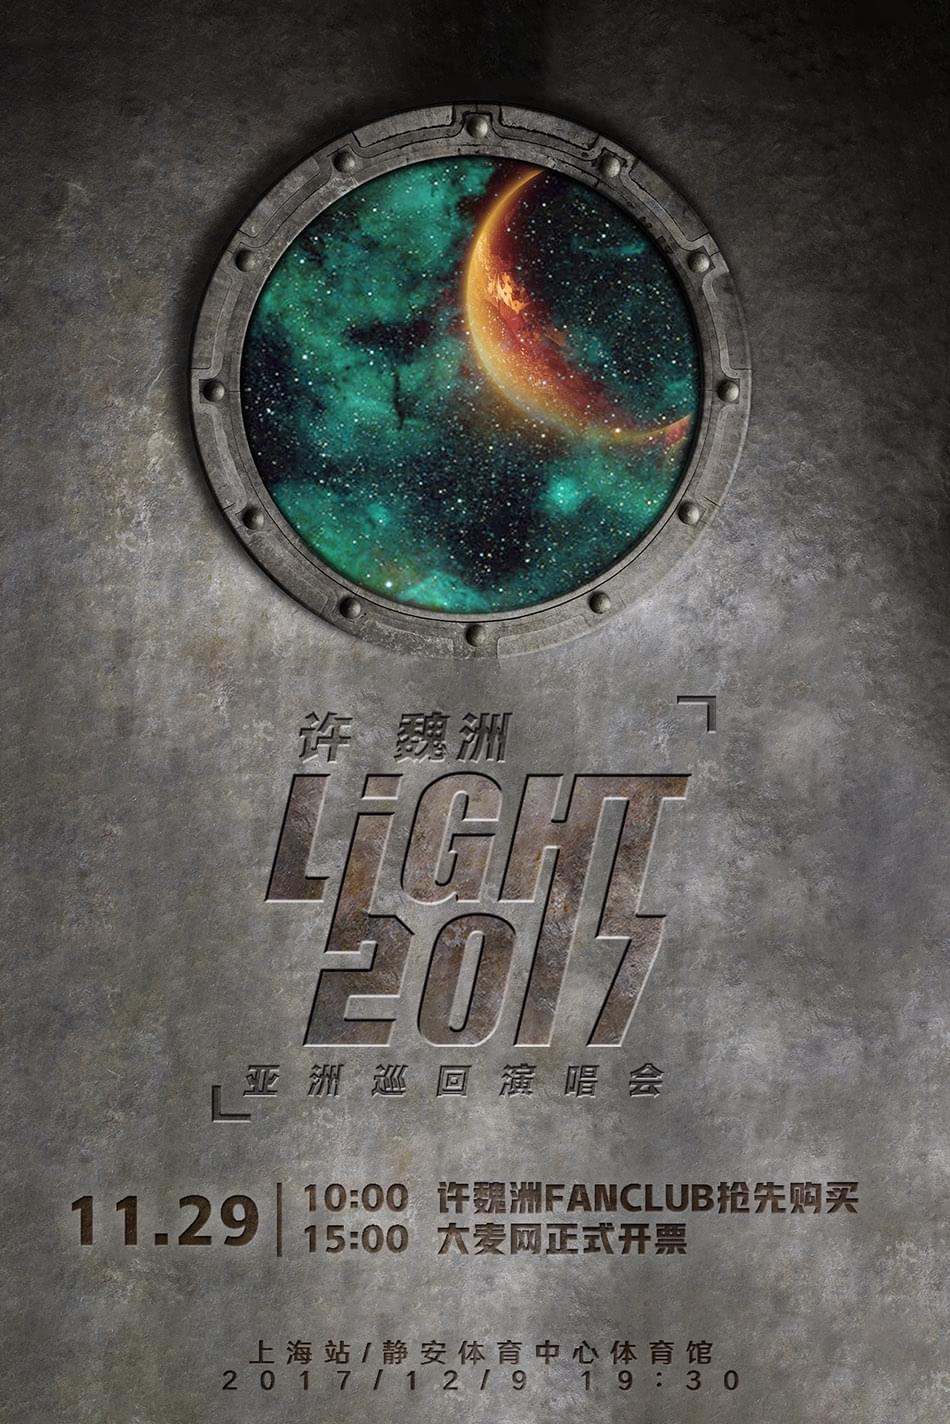 许魏洲2017Light亚巡开启12月9日上海首站开唱